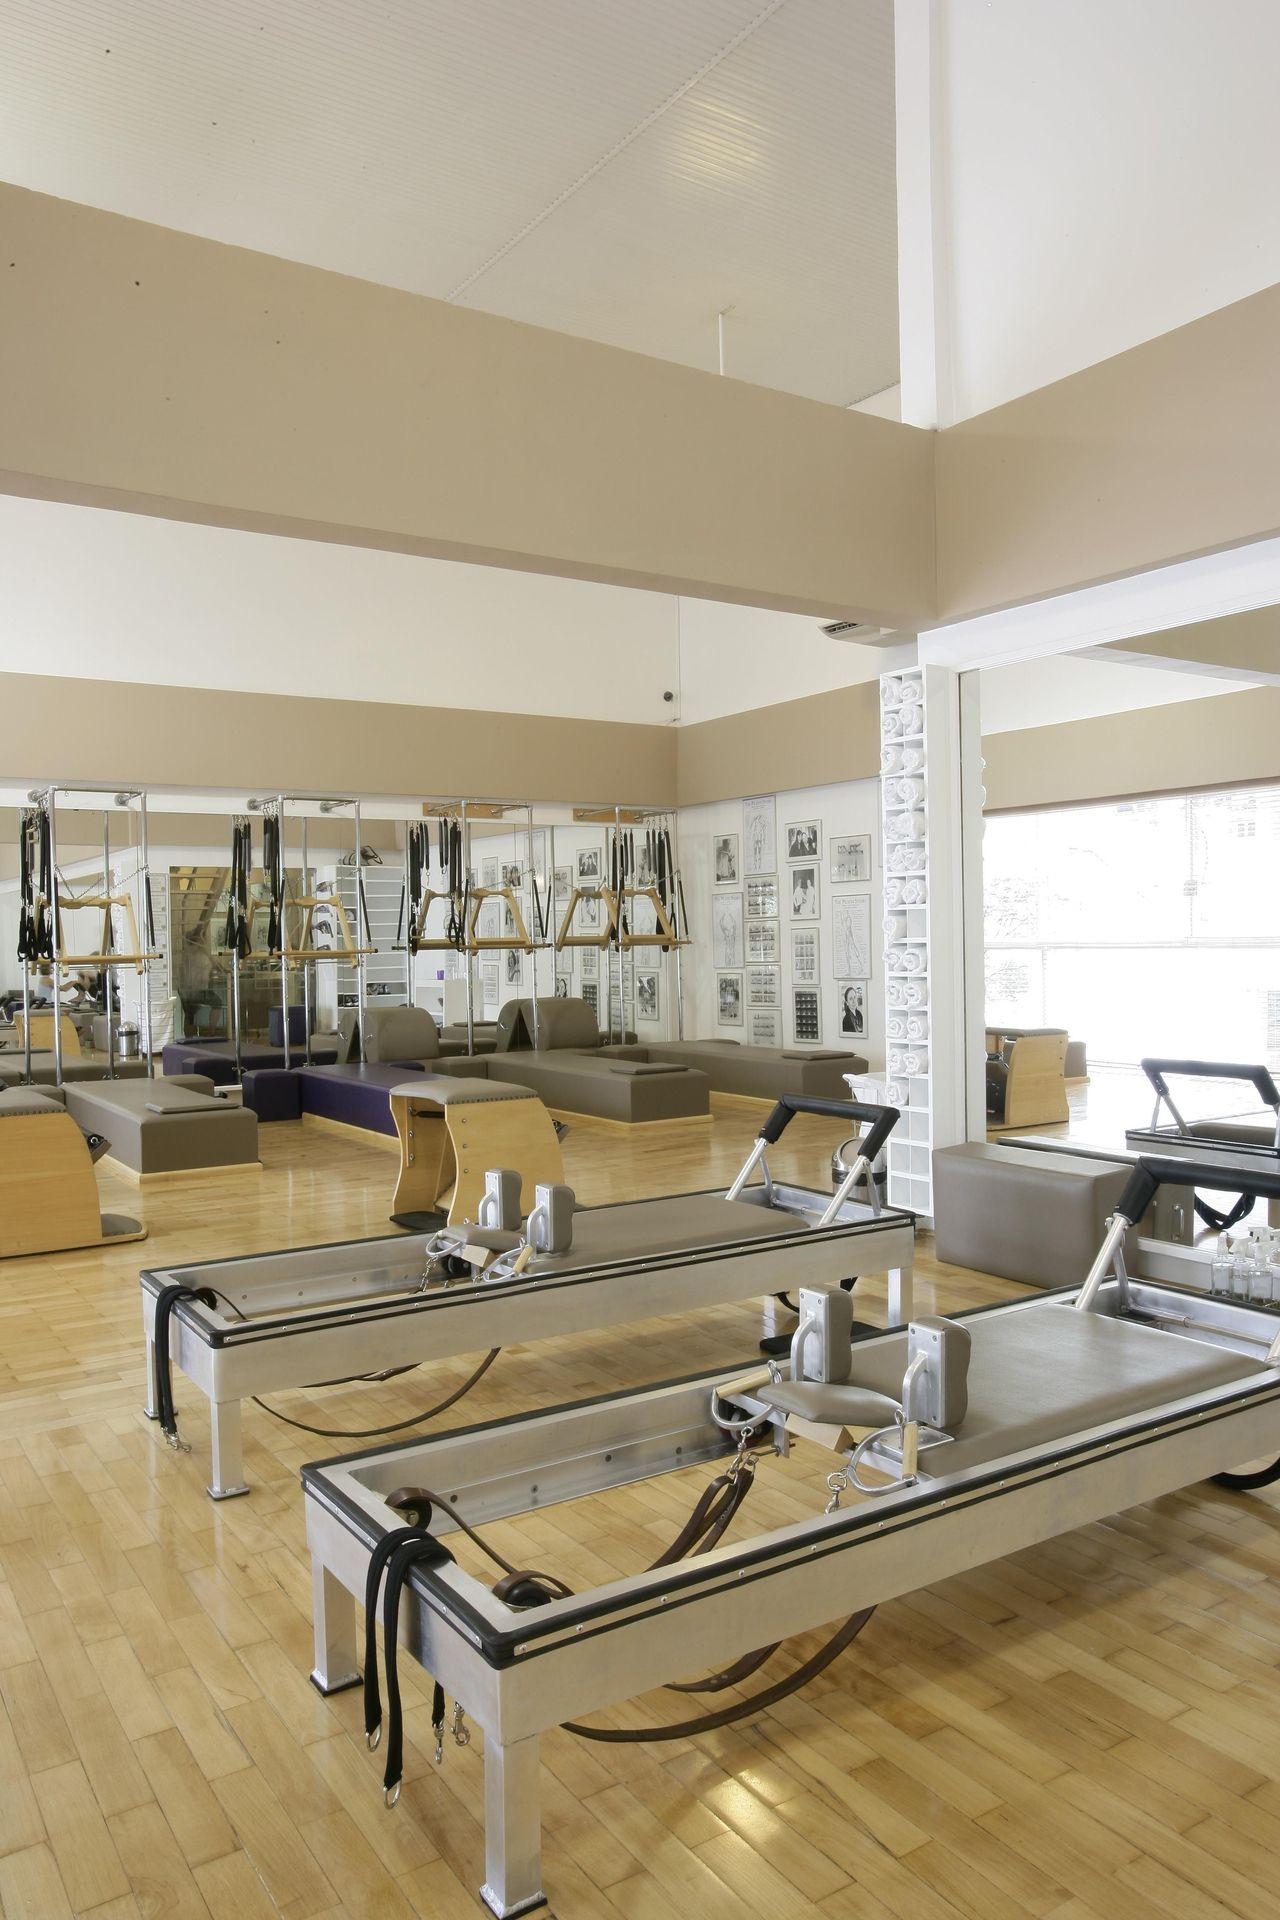 Sala De Pilates De Ant Nio Ferreira Junior E M Rio Celso Bernardes  -> Tapete Para Sala De Pilates